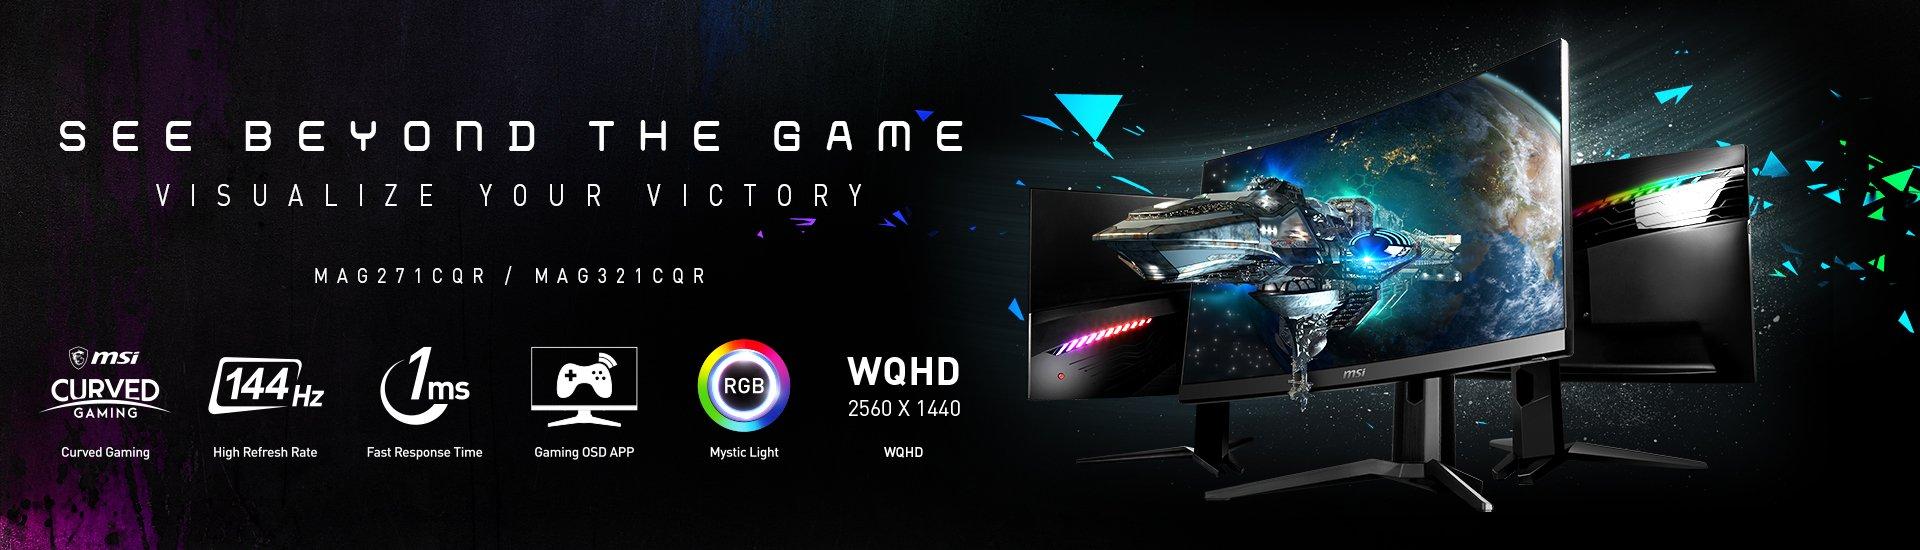 MSI vươn mình trở thành hãng cung cấp màn hình cong gaming hàng đầu 2019